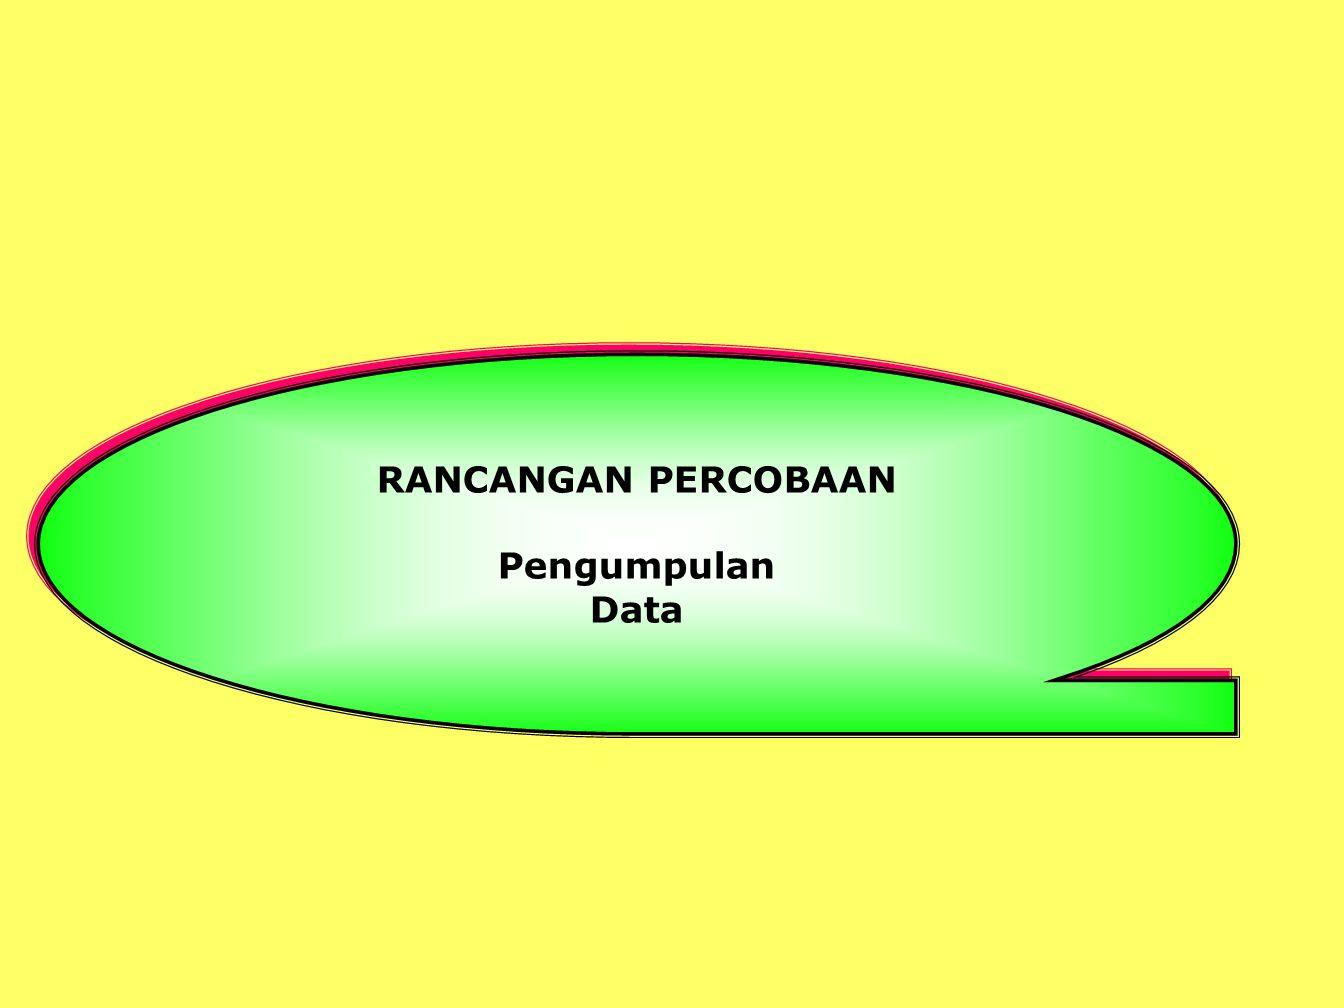 RANCANGAN PERCOBAAN Pengumpulan Data RANCANGAN PERCOBAAN Pengumpulan Data